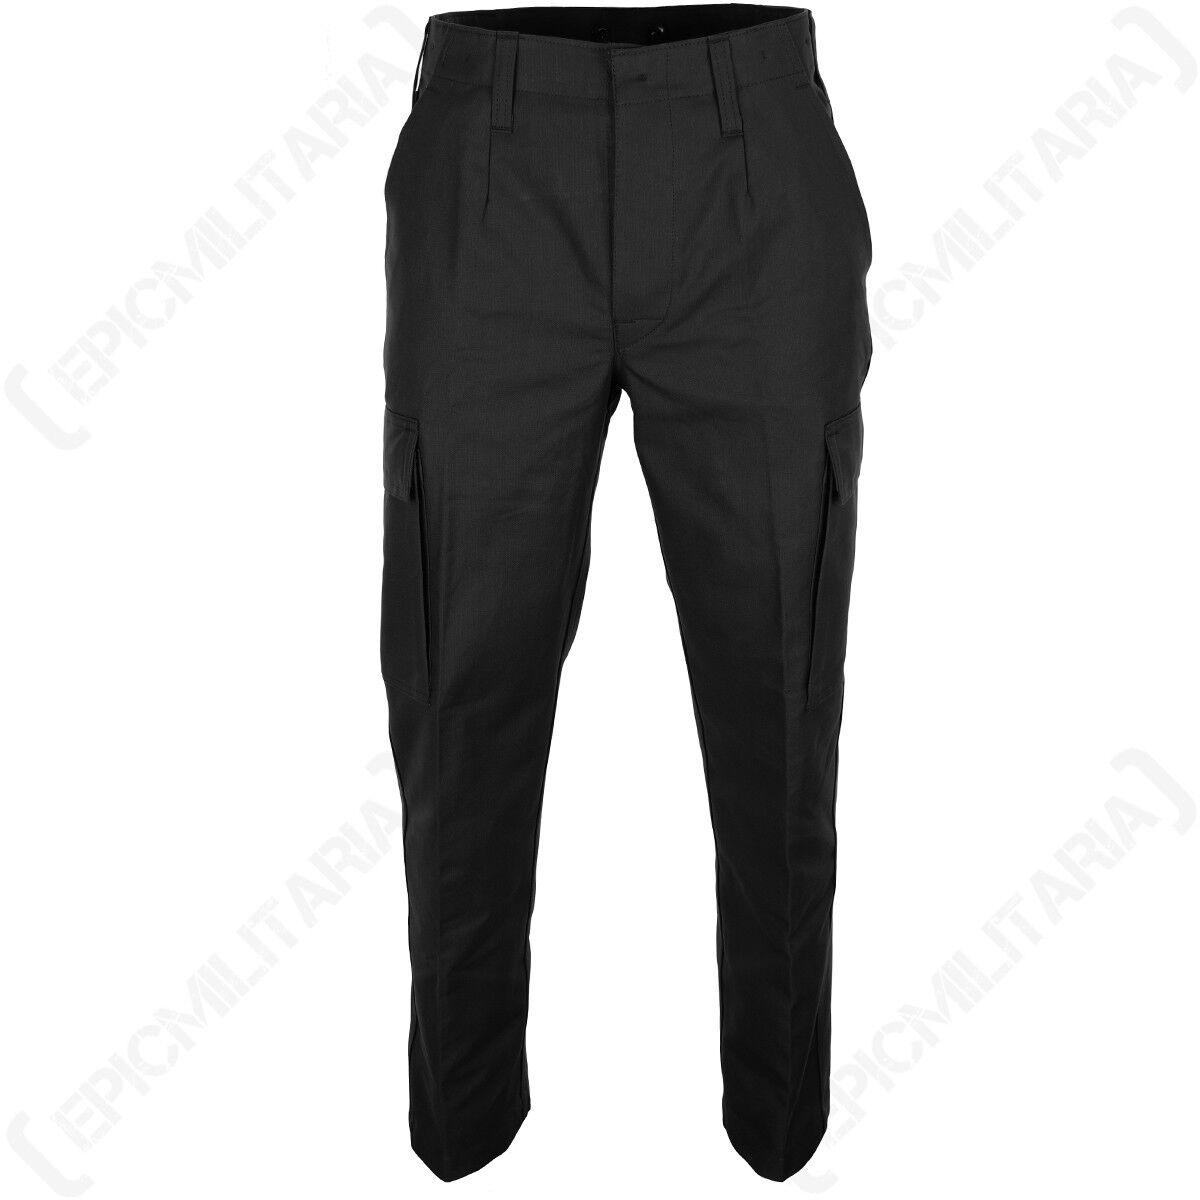 Original Grado Piel De Topo Pantalones - Carga Combate Ejército Trabajo Pantalón